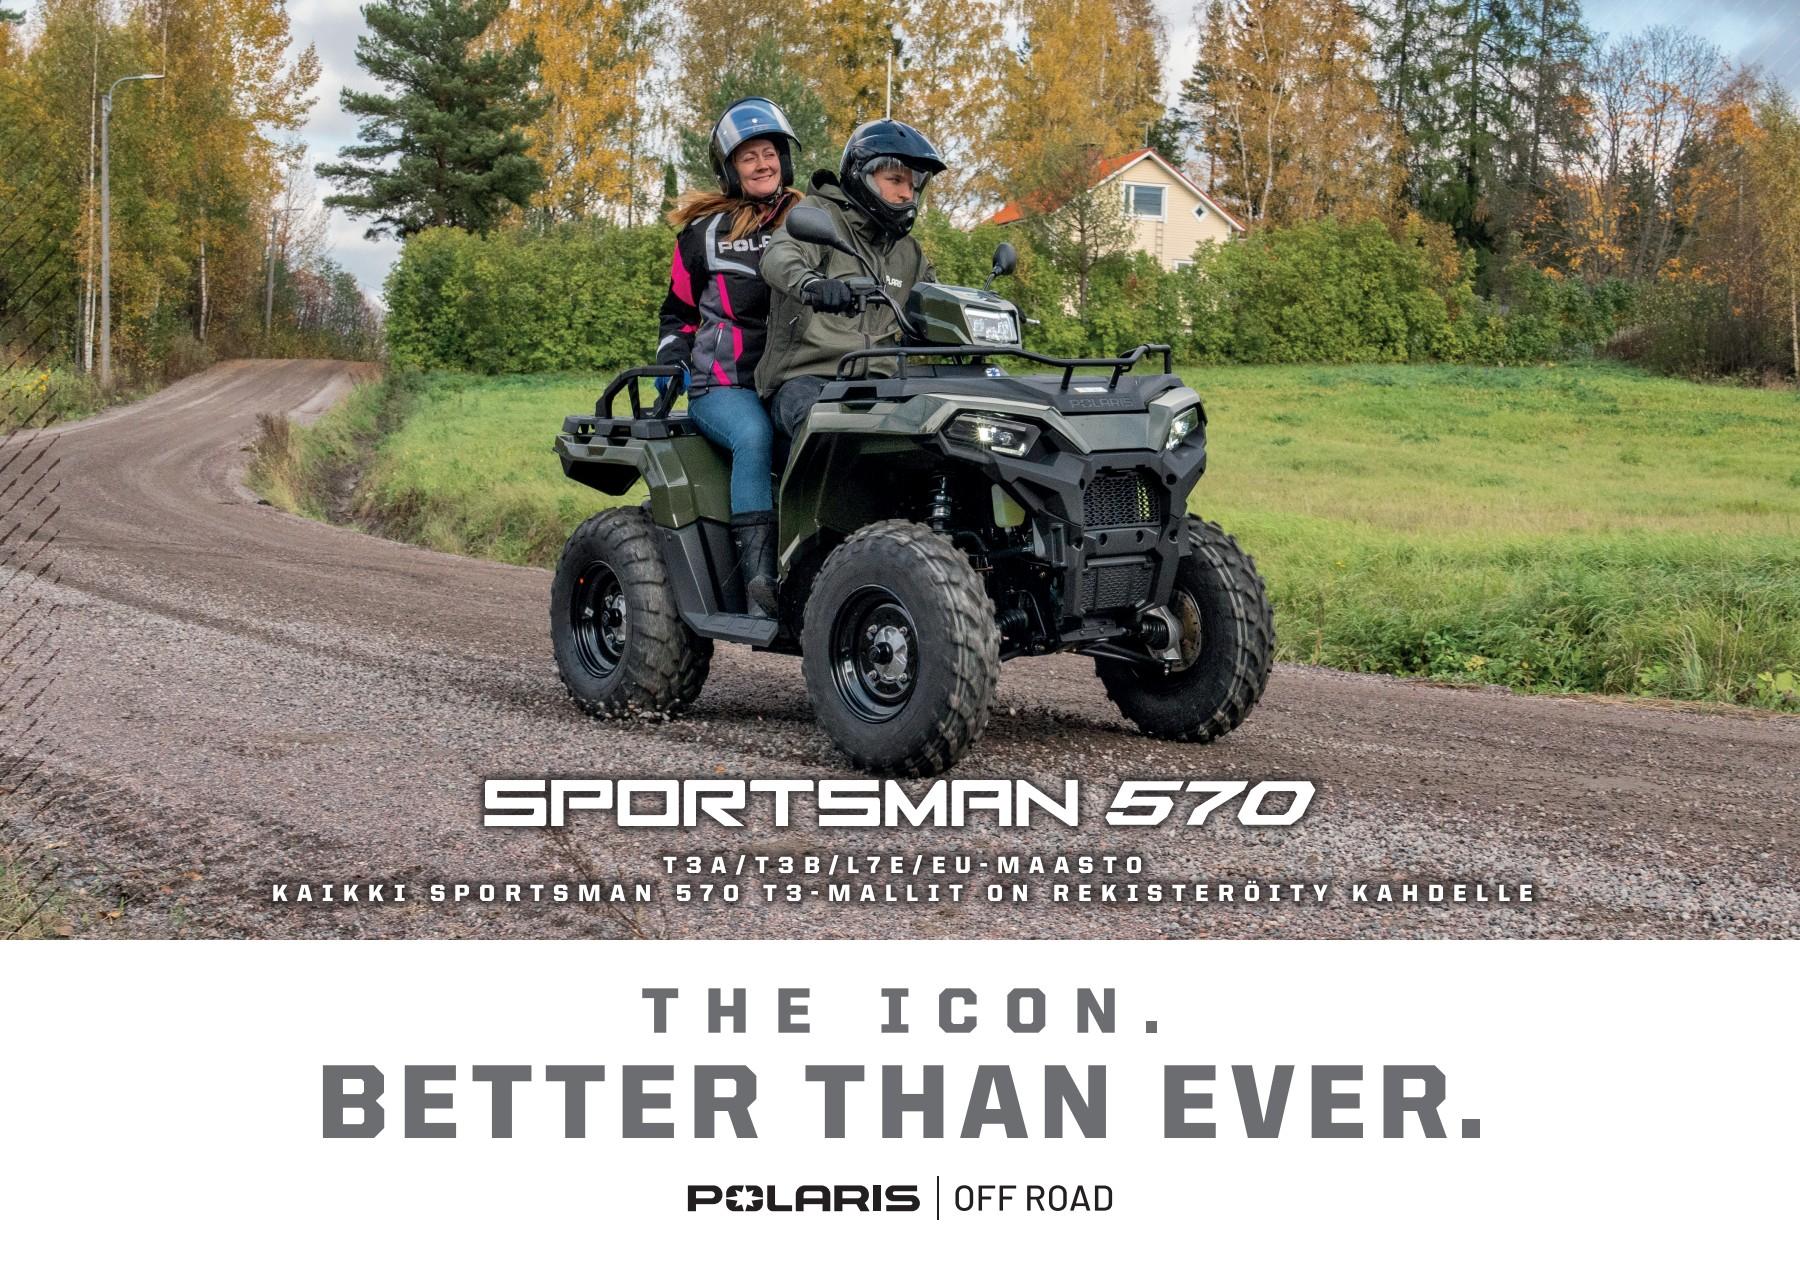 2021 Sportsman 570 -esite-Flip Book Pages 1-12 | PubHTML5